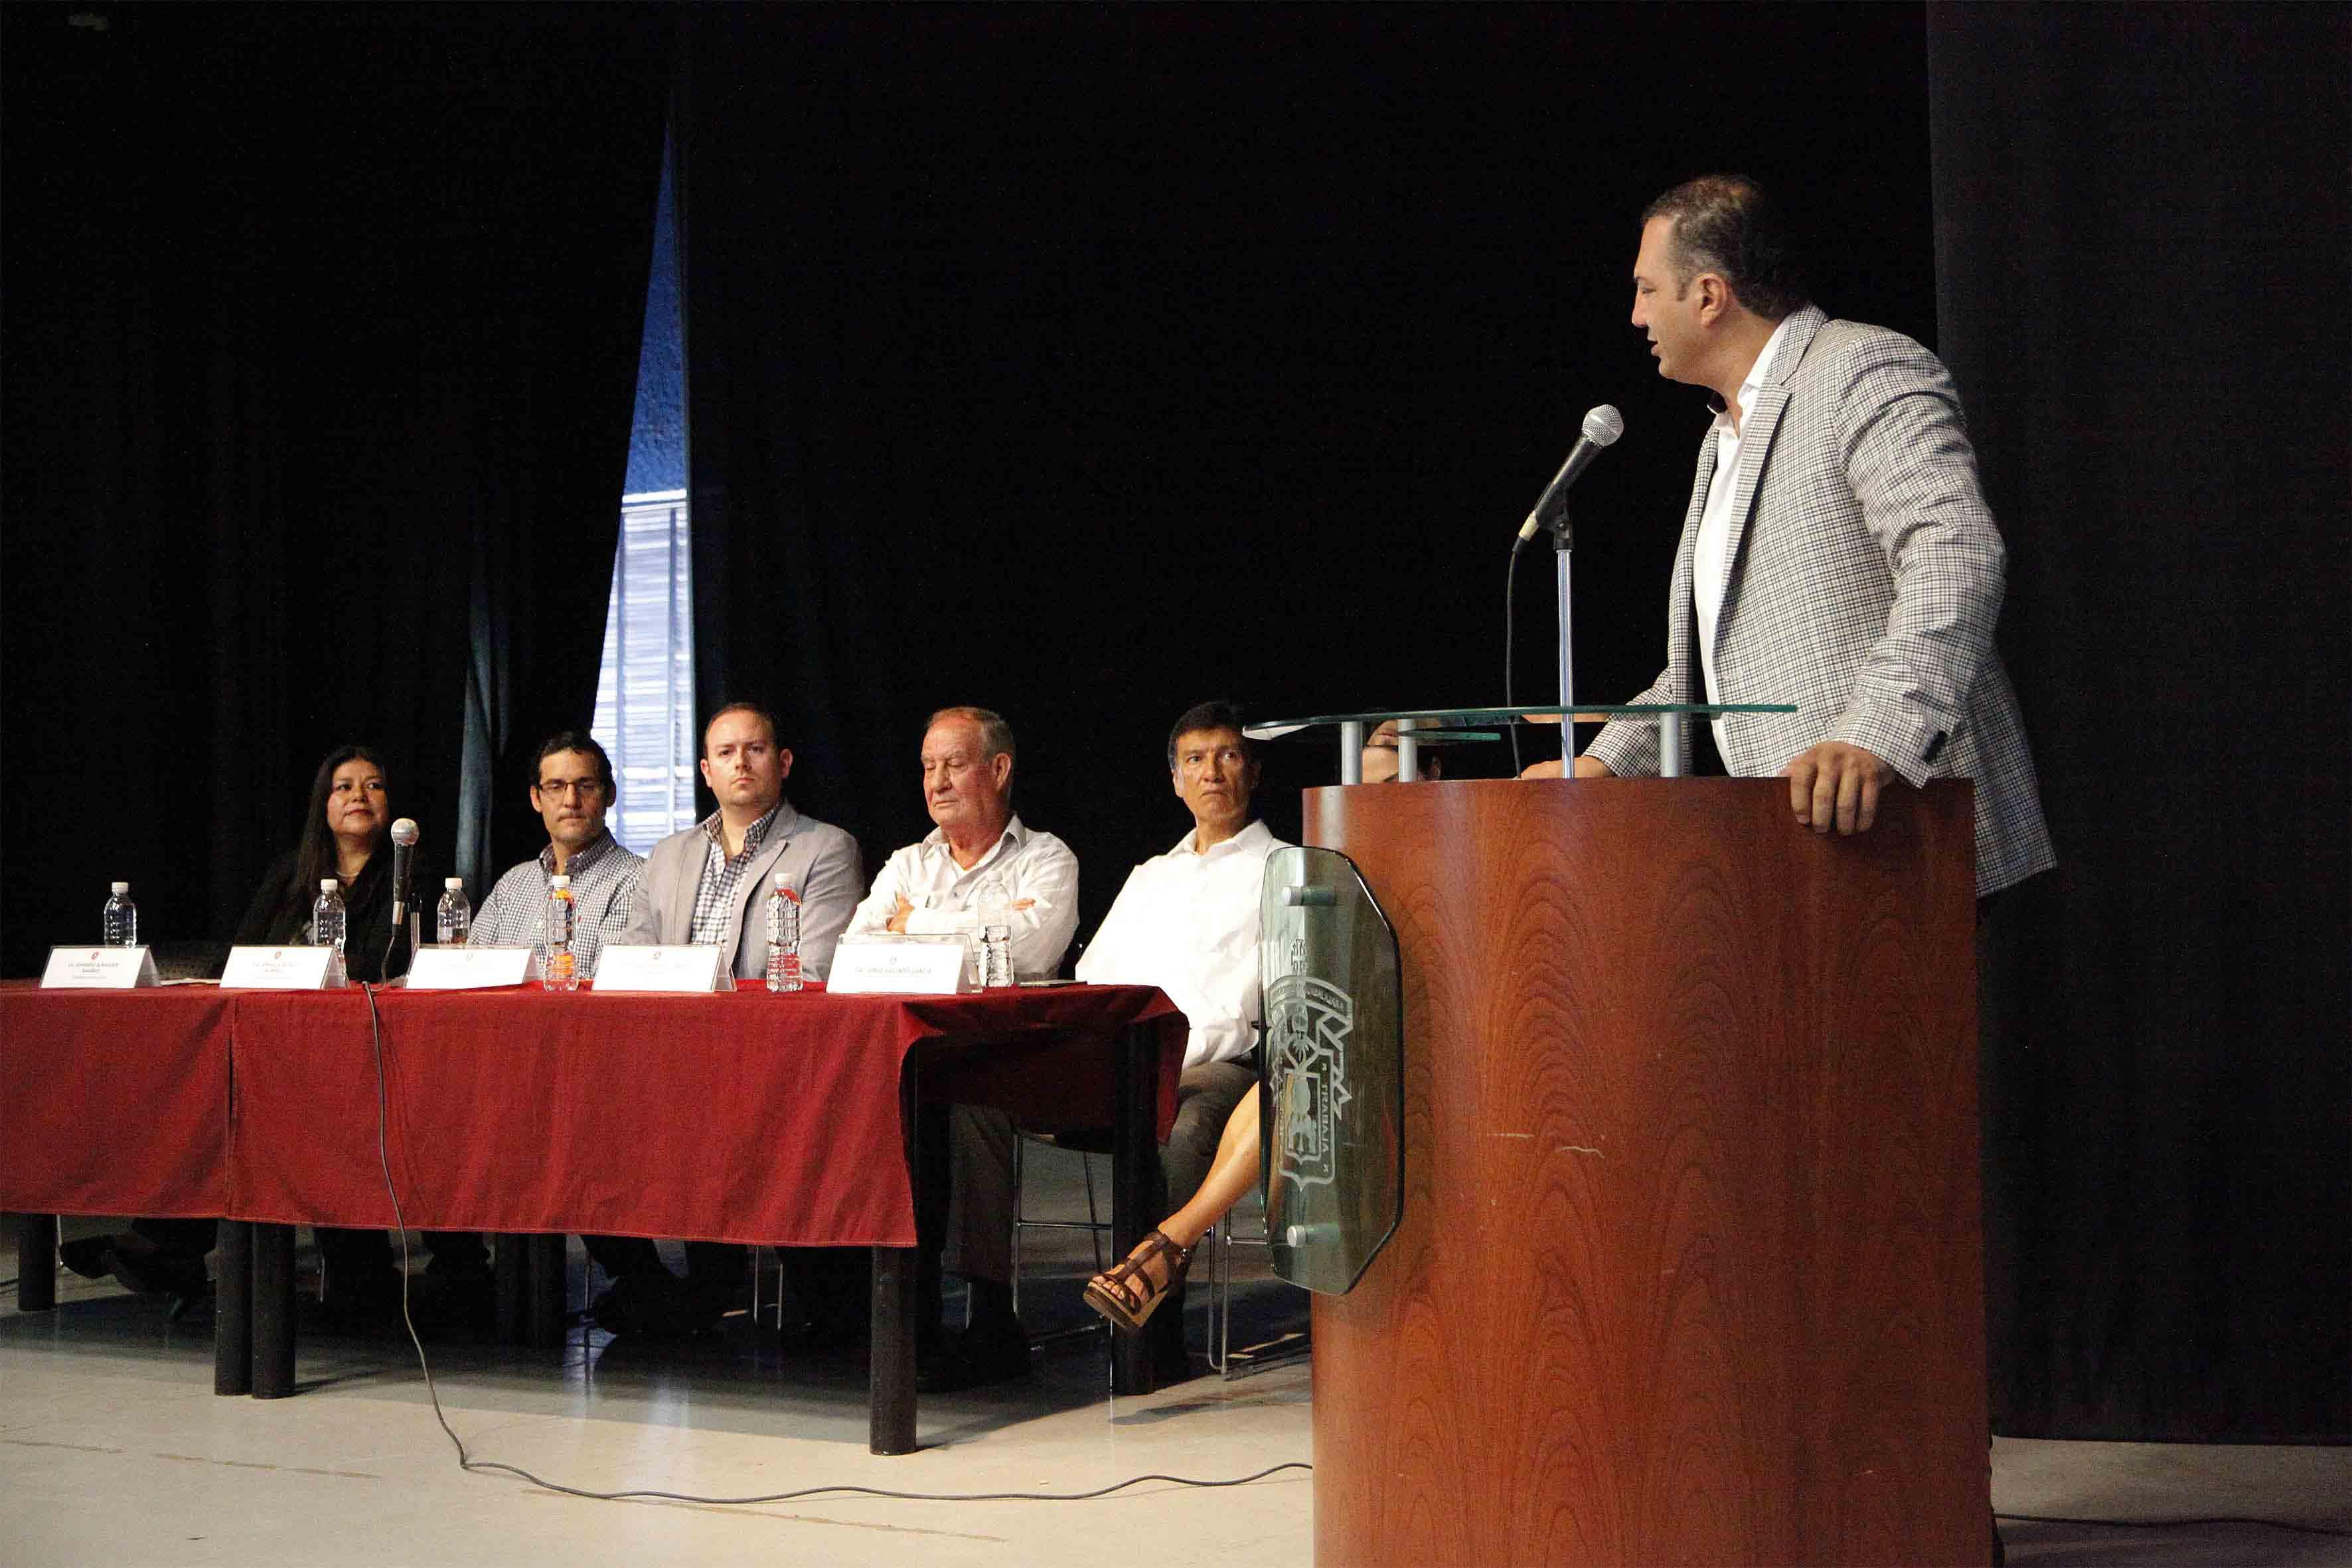 Licenciado Miguel Ángel Padilla Montes, Director de la Preparatoria 4, frente al micrófono